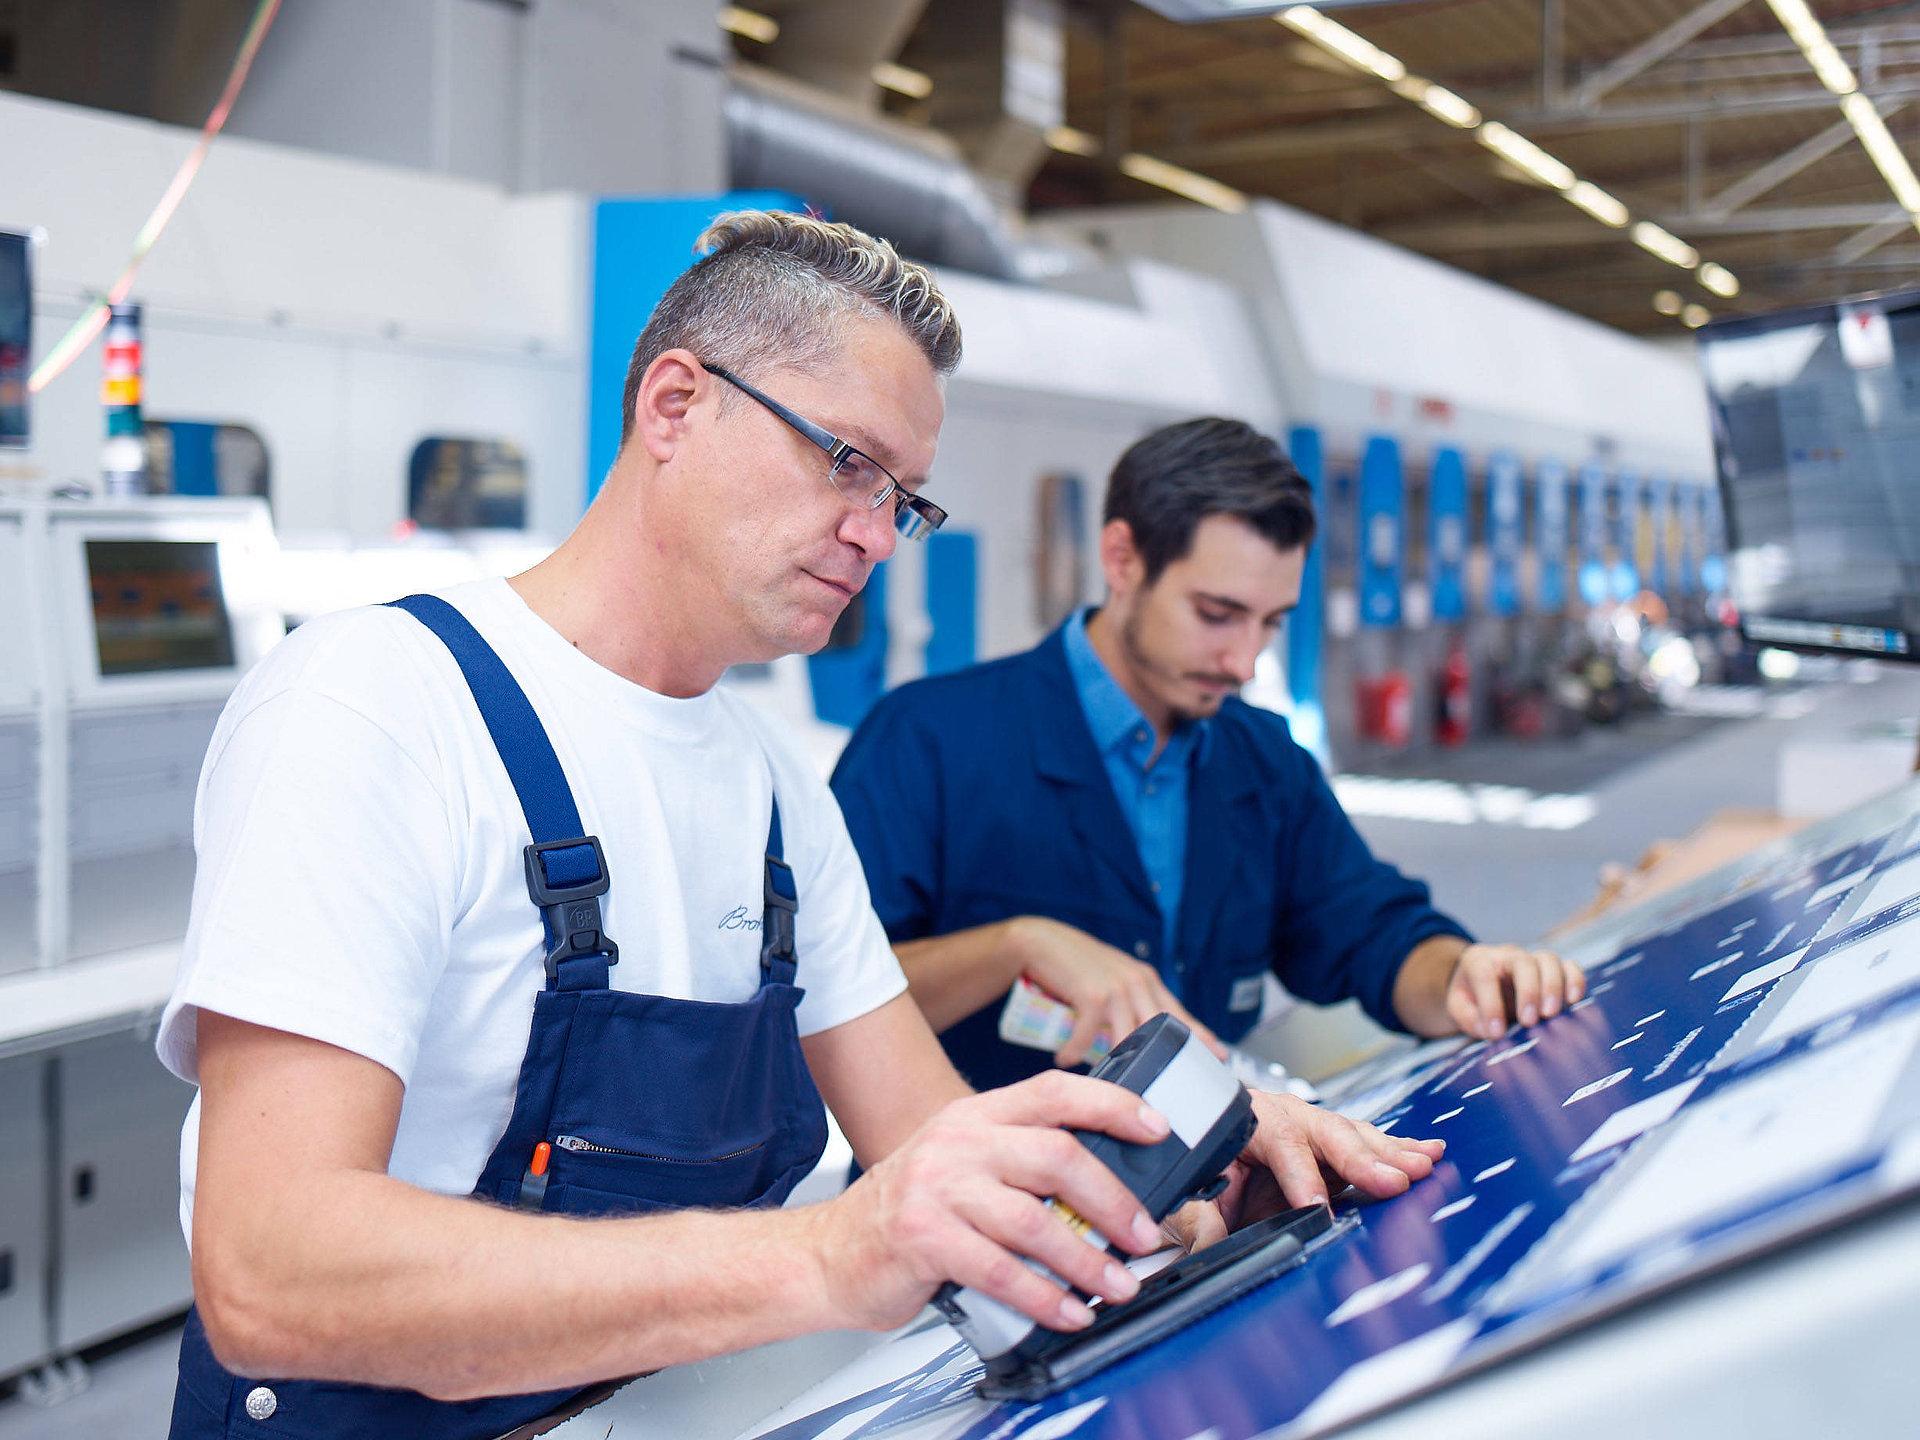 [Translate to Niederländisch:] Zwei Mitarbeiter überprüfen die Druckergebnisse des Inliner4 in der Produktion